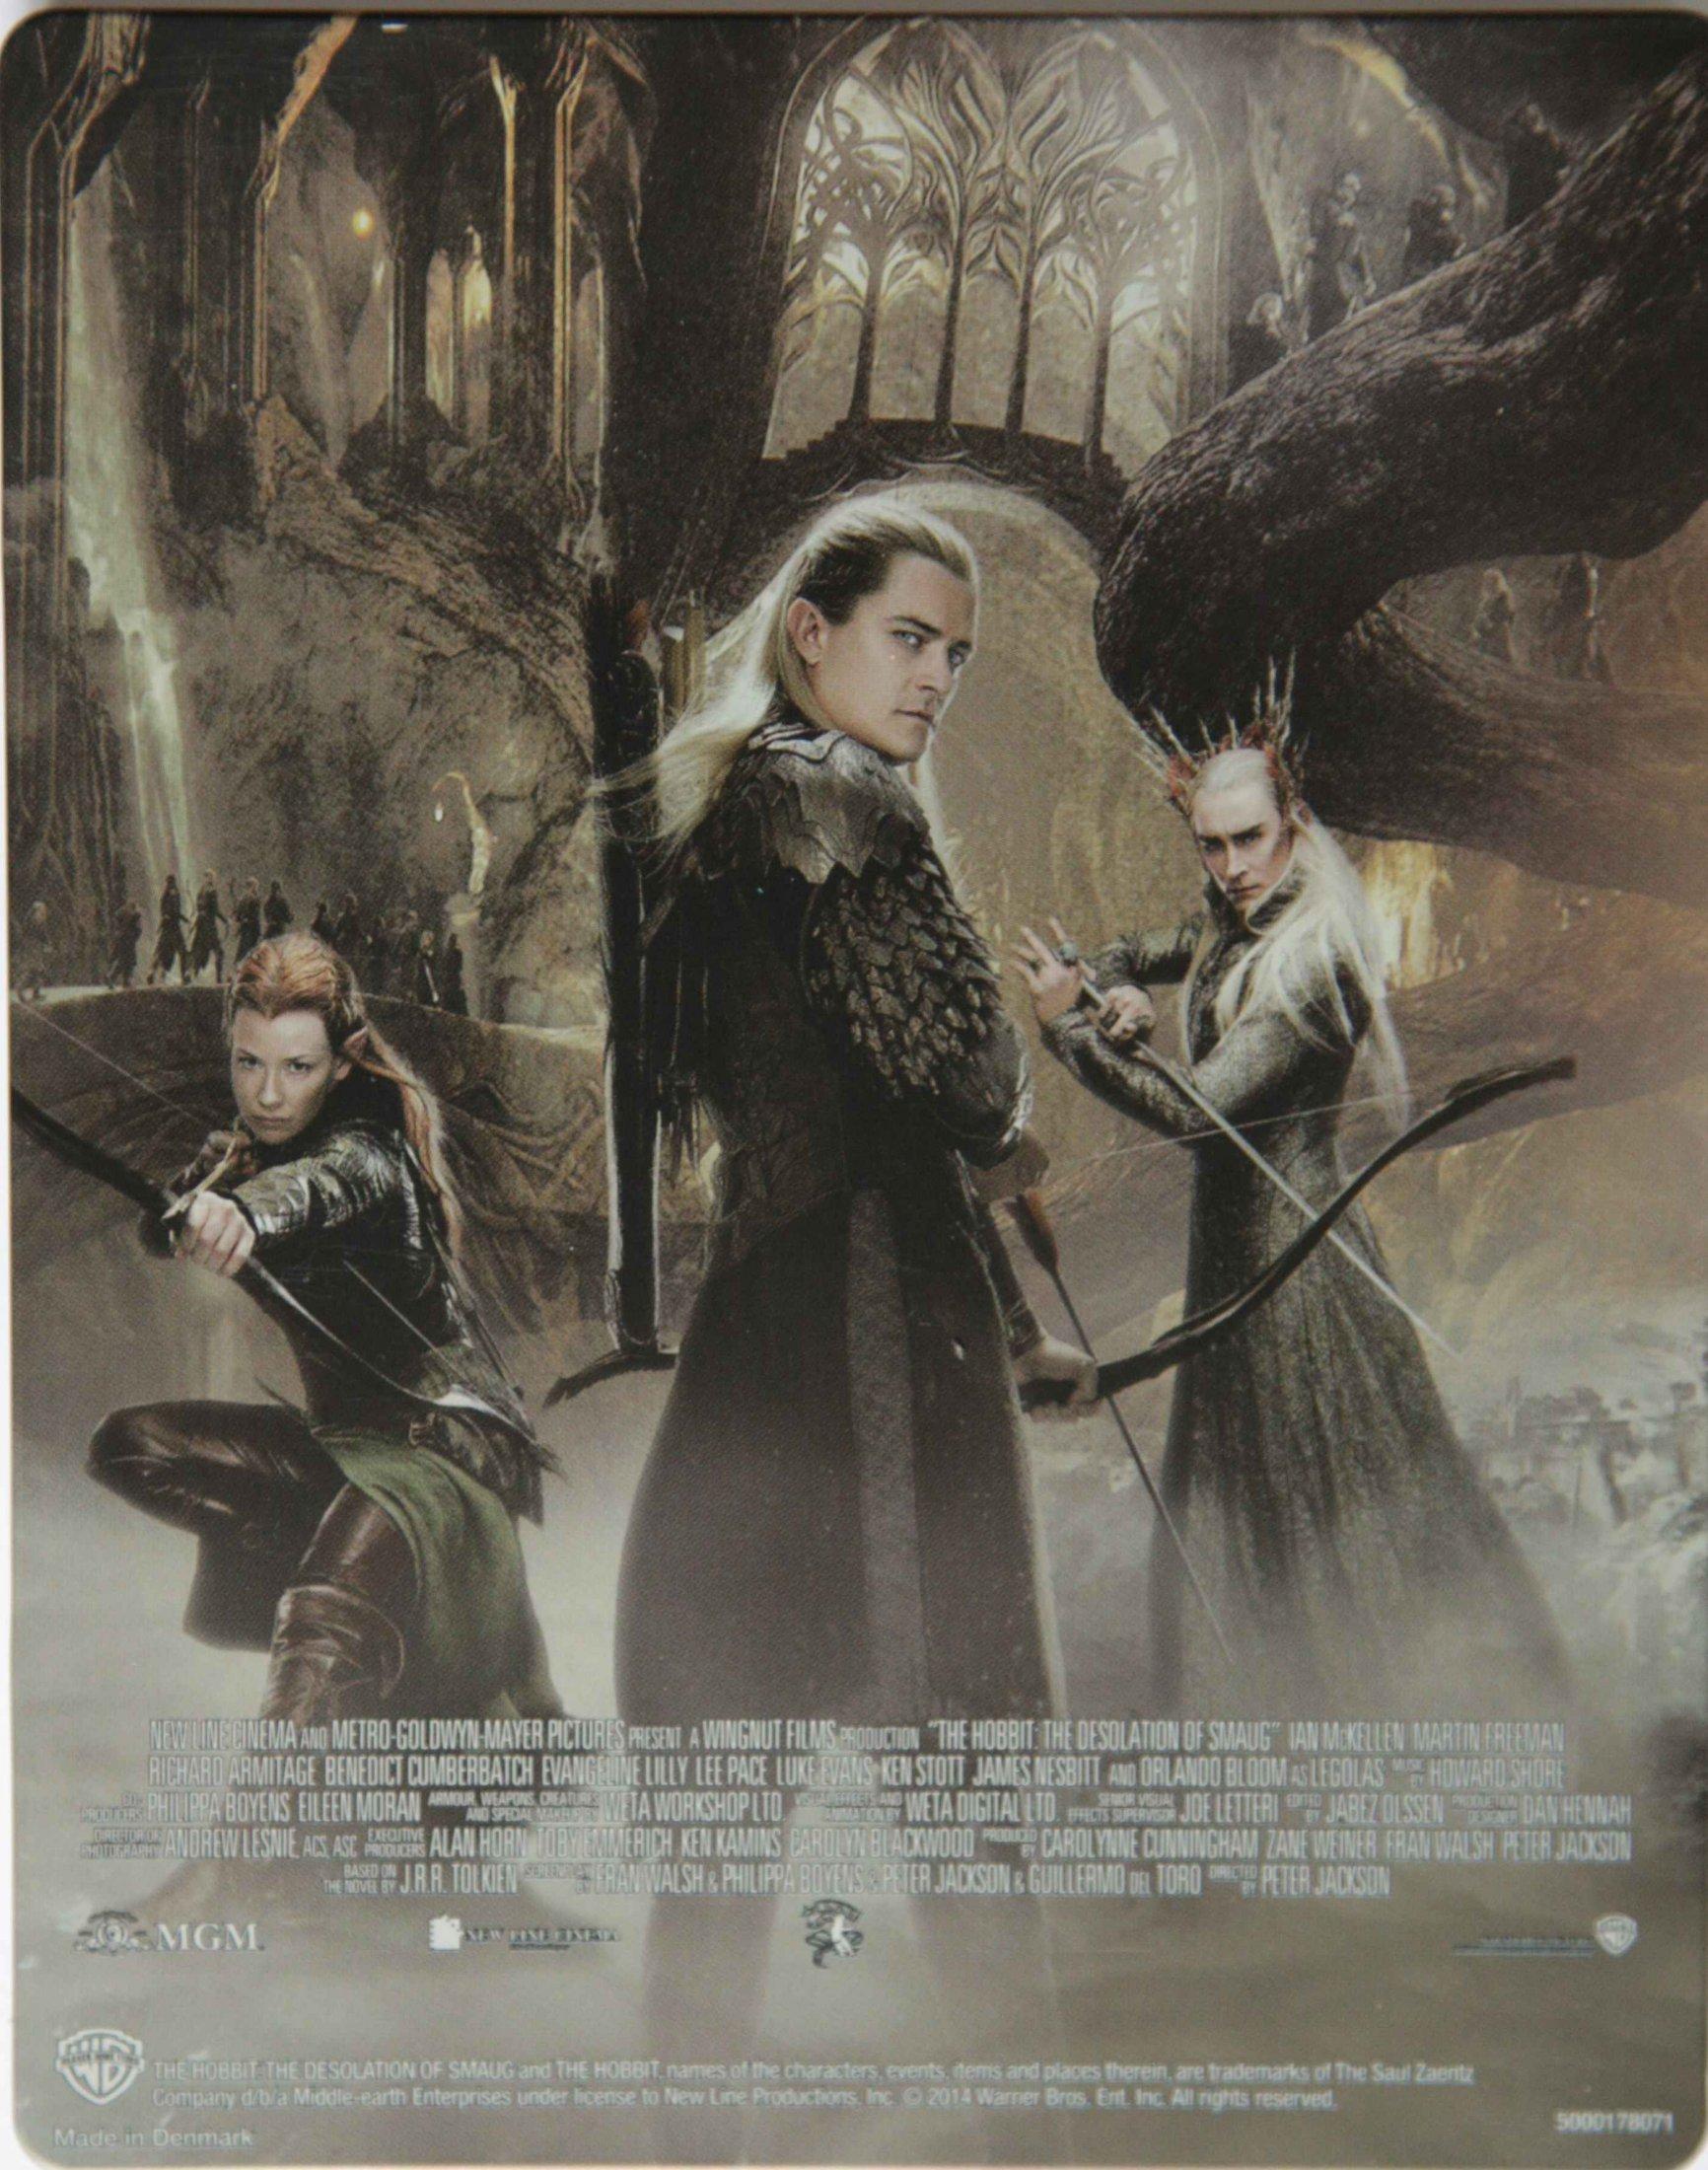 Der Hobbit Trilogie 2Back